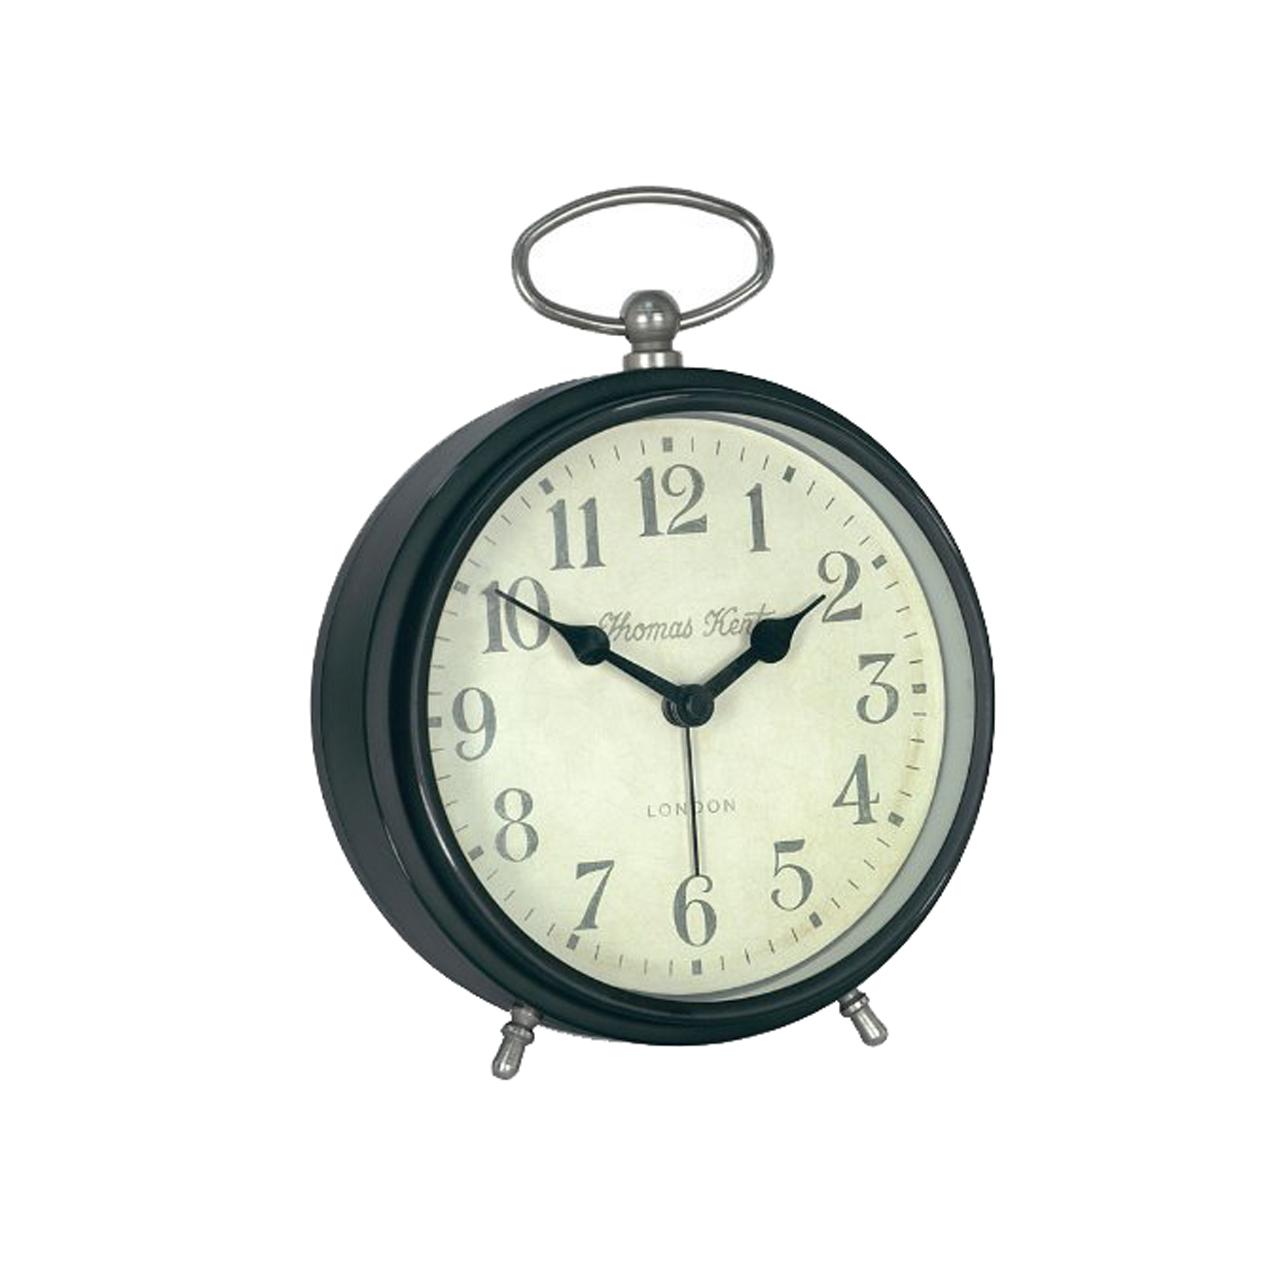 ساعت رومیزی  توماس کنت مدل Reporter